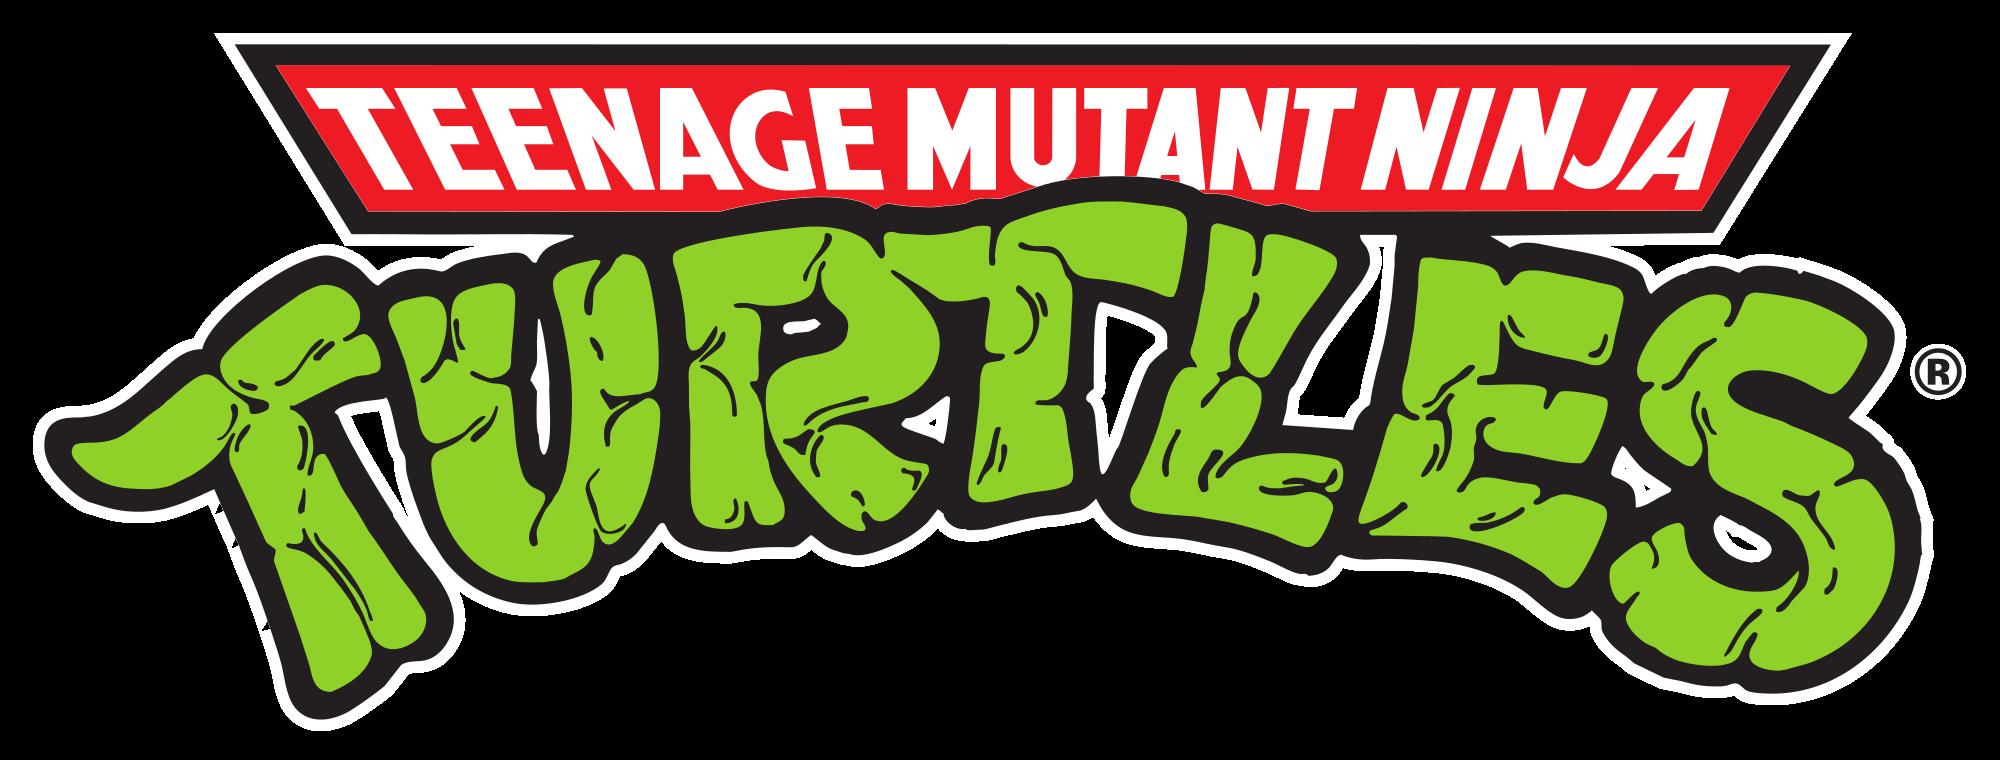 Ninja Tutles  Logo PNG Image